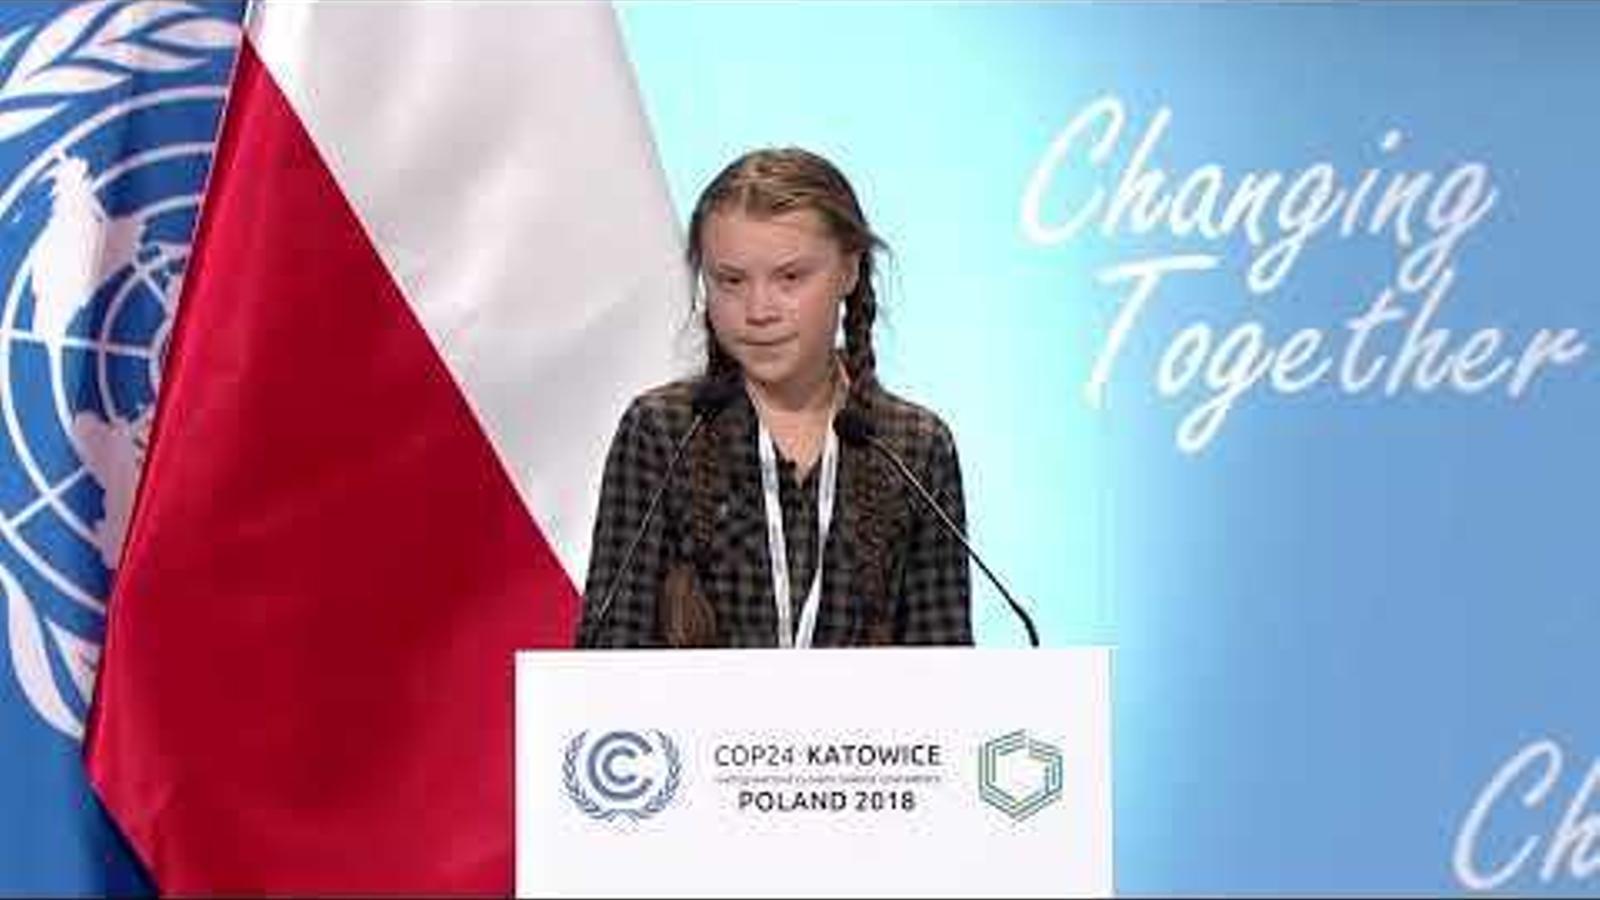 Greta thunberg parla a la cimera de l'ONU contra el canvi climàtic a Polònia, la COP24